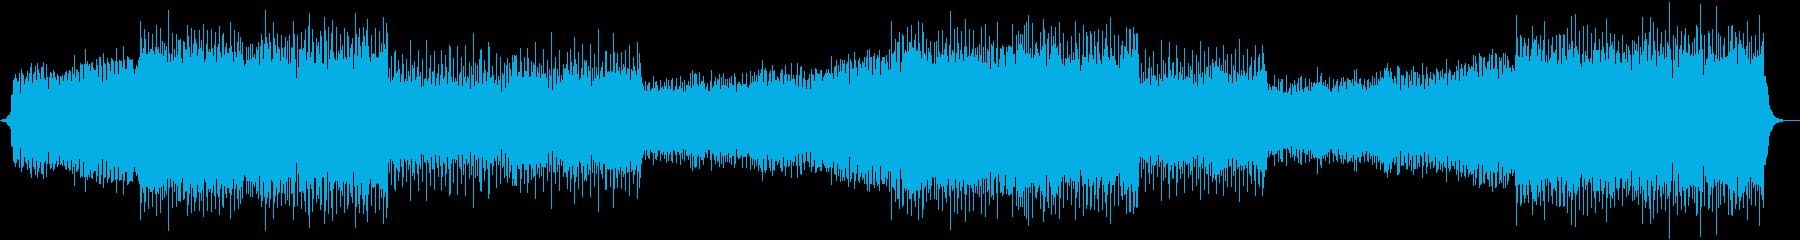 明るい・楽しい・カントリー・EDMの再生済みの波形